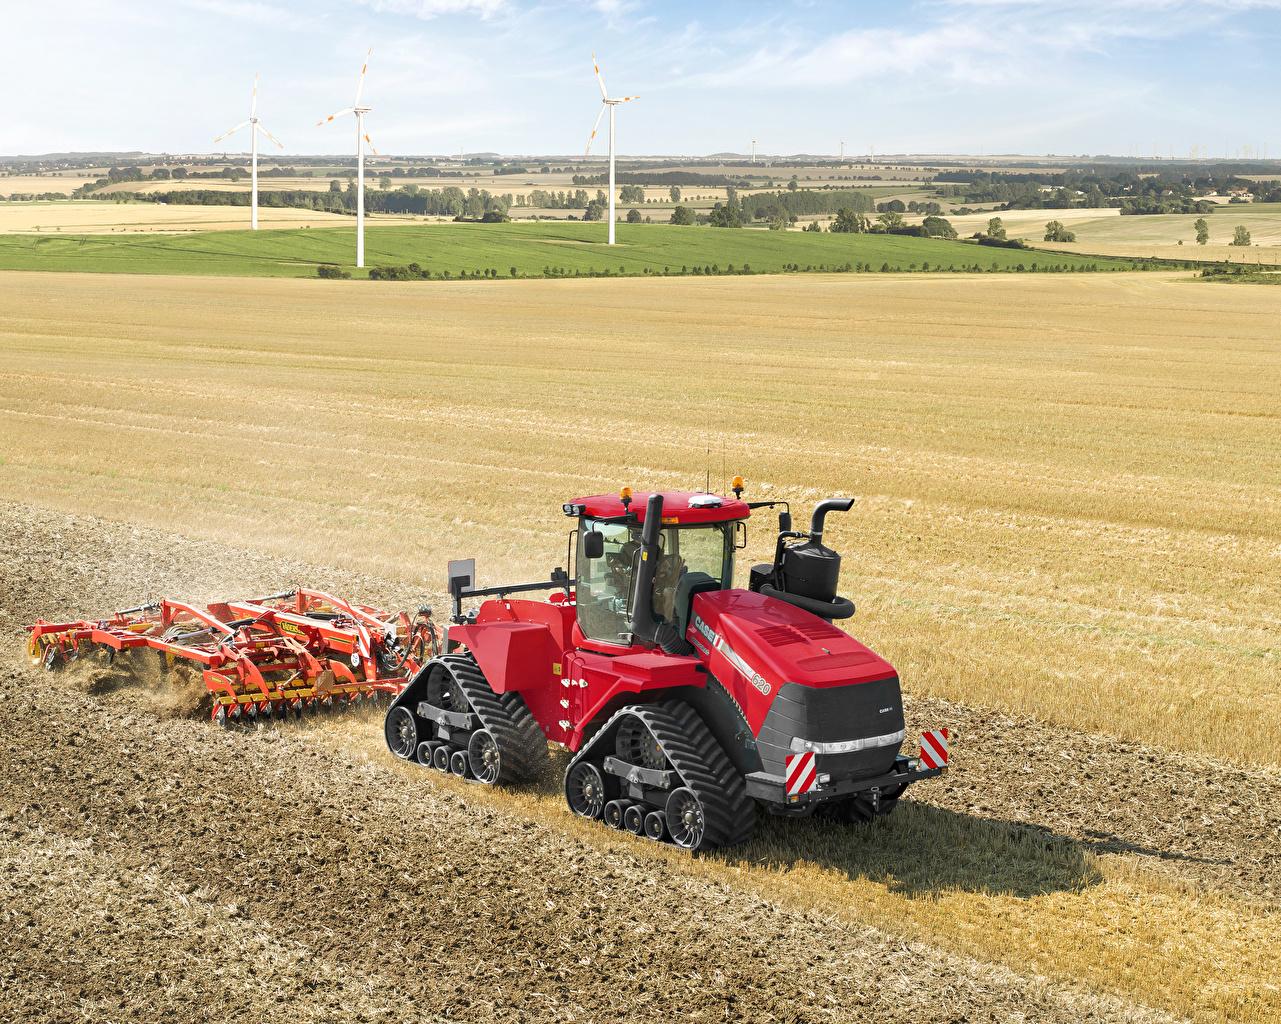 Обои Красный Сельскохозяйственная техника 2013-17 Case IH Quadtrac 620 Трактор Поля